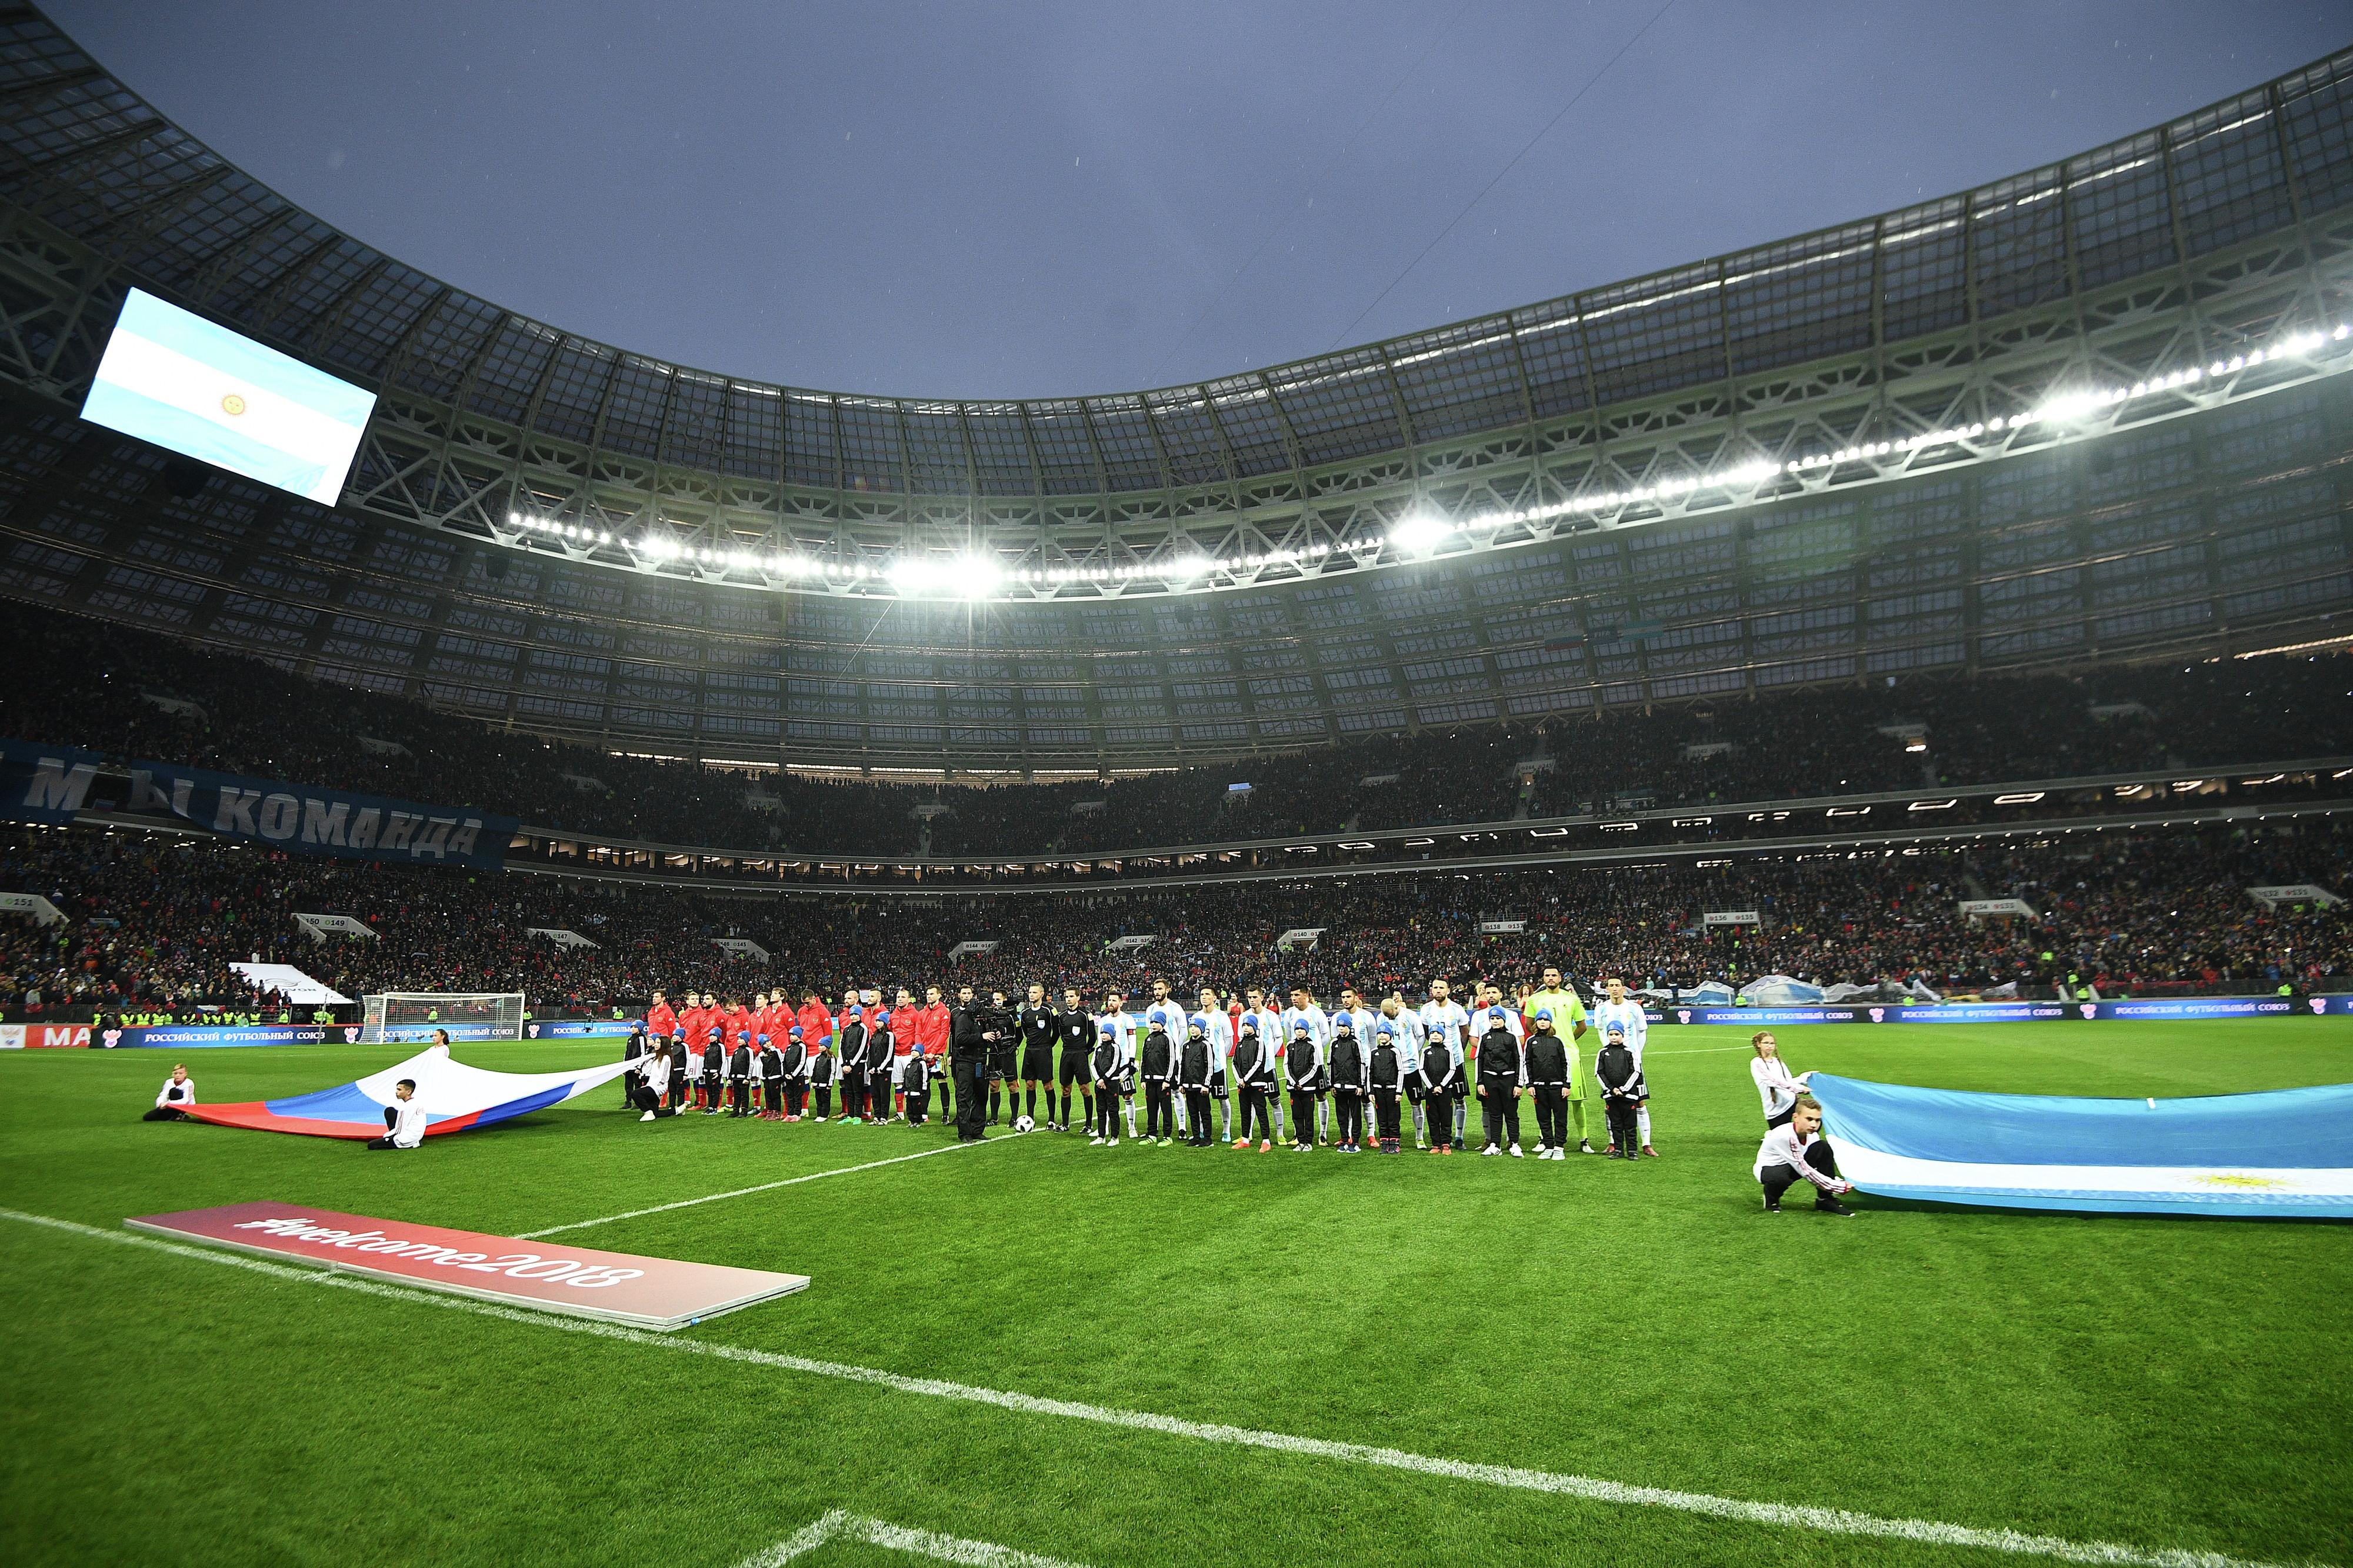 <p><span>Фото: &copy;РИА Новости/</span>Рамиль Ситдиков</p>